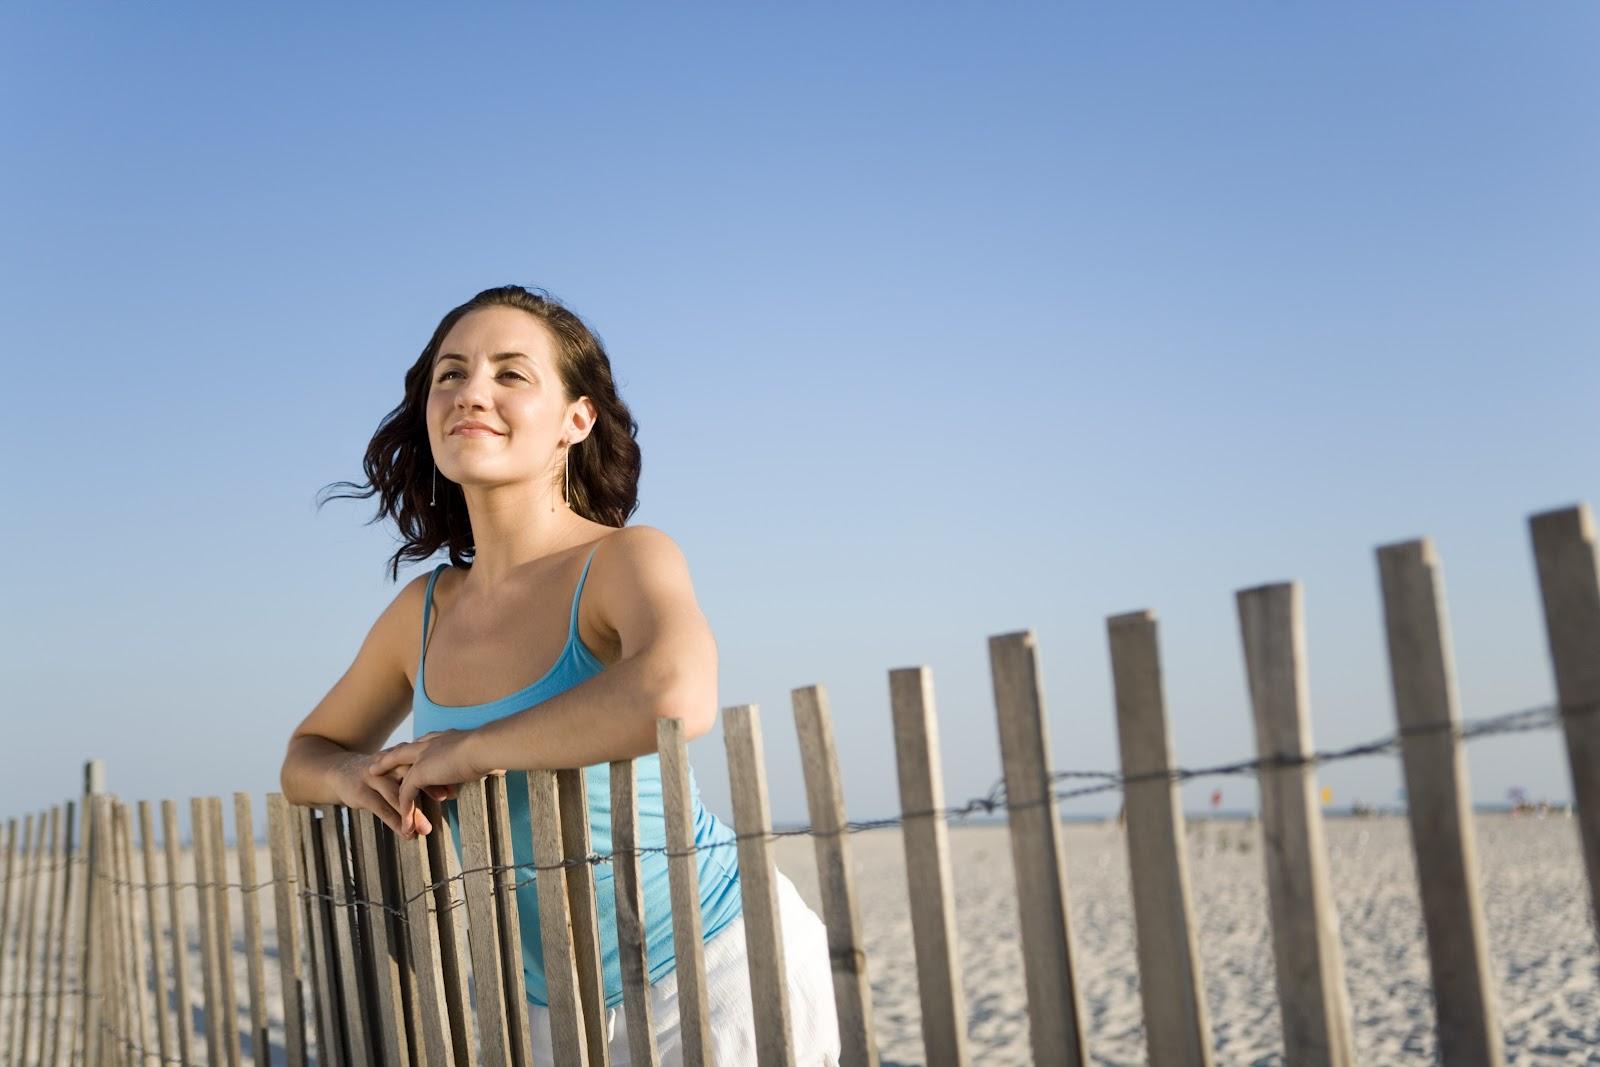 ritenzione idrica e menopausa